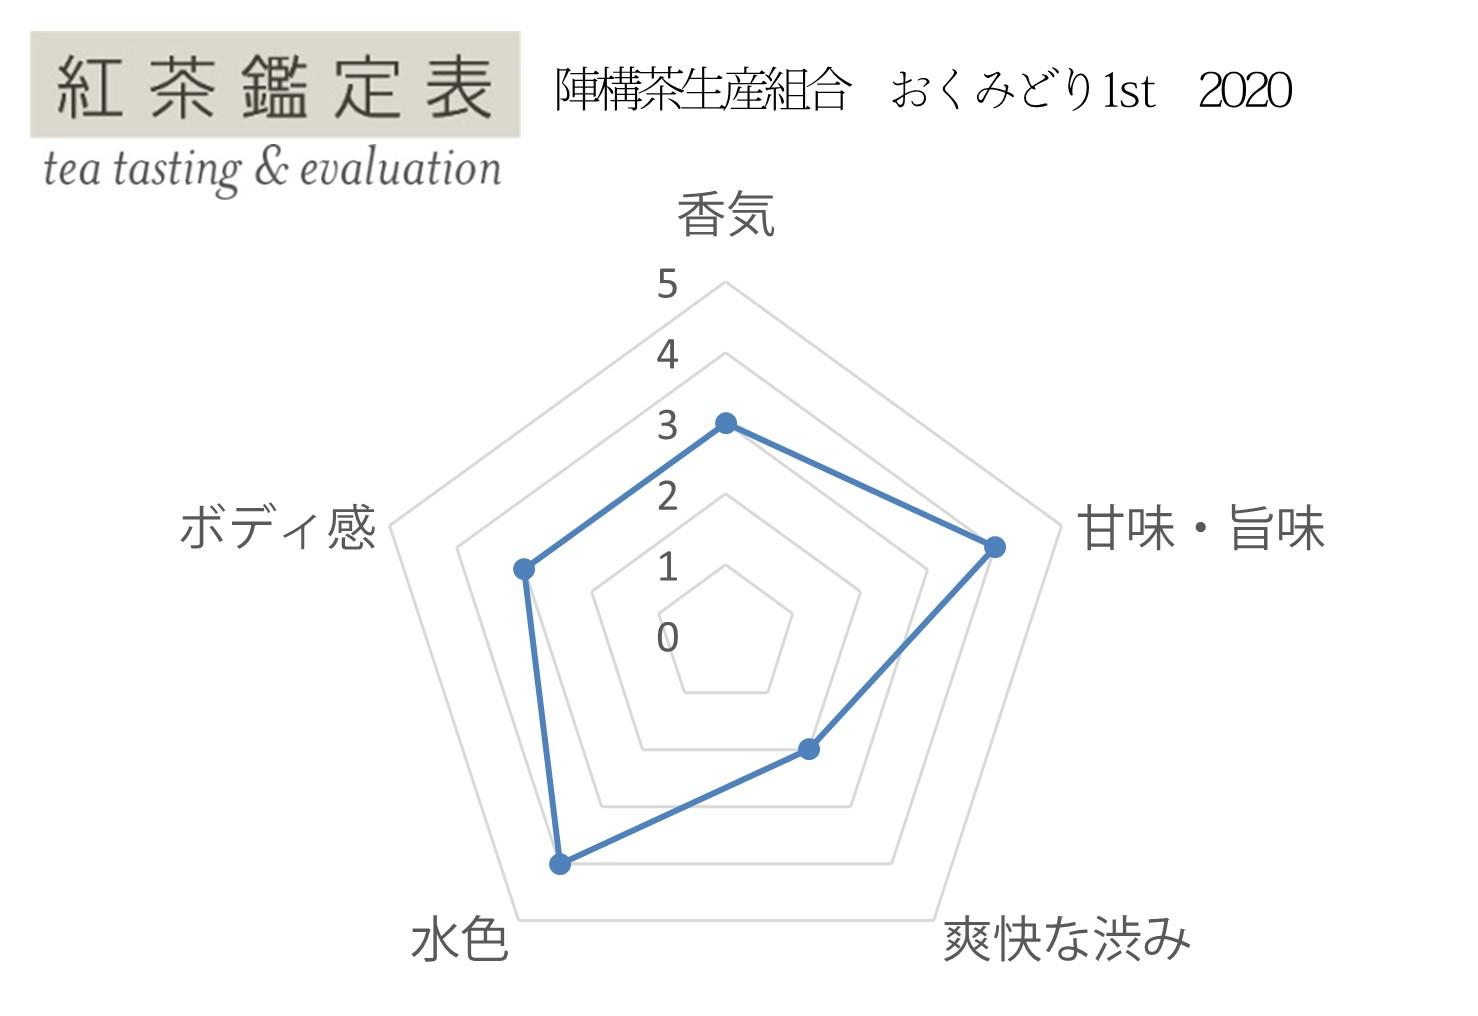 【紅茶鑑定表】陣構茶生産組合 おくみどり1st